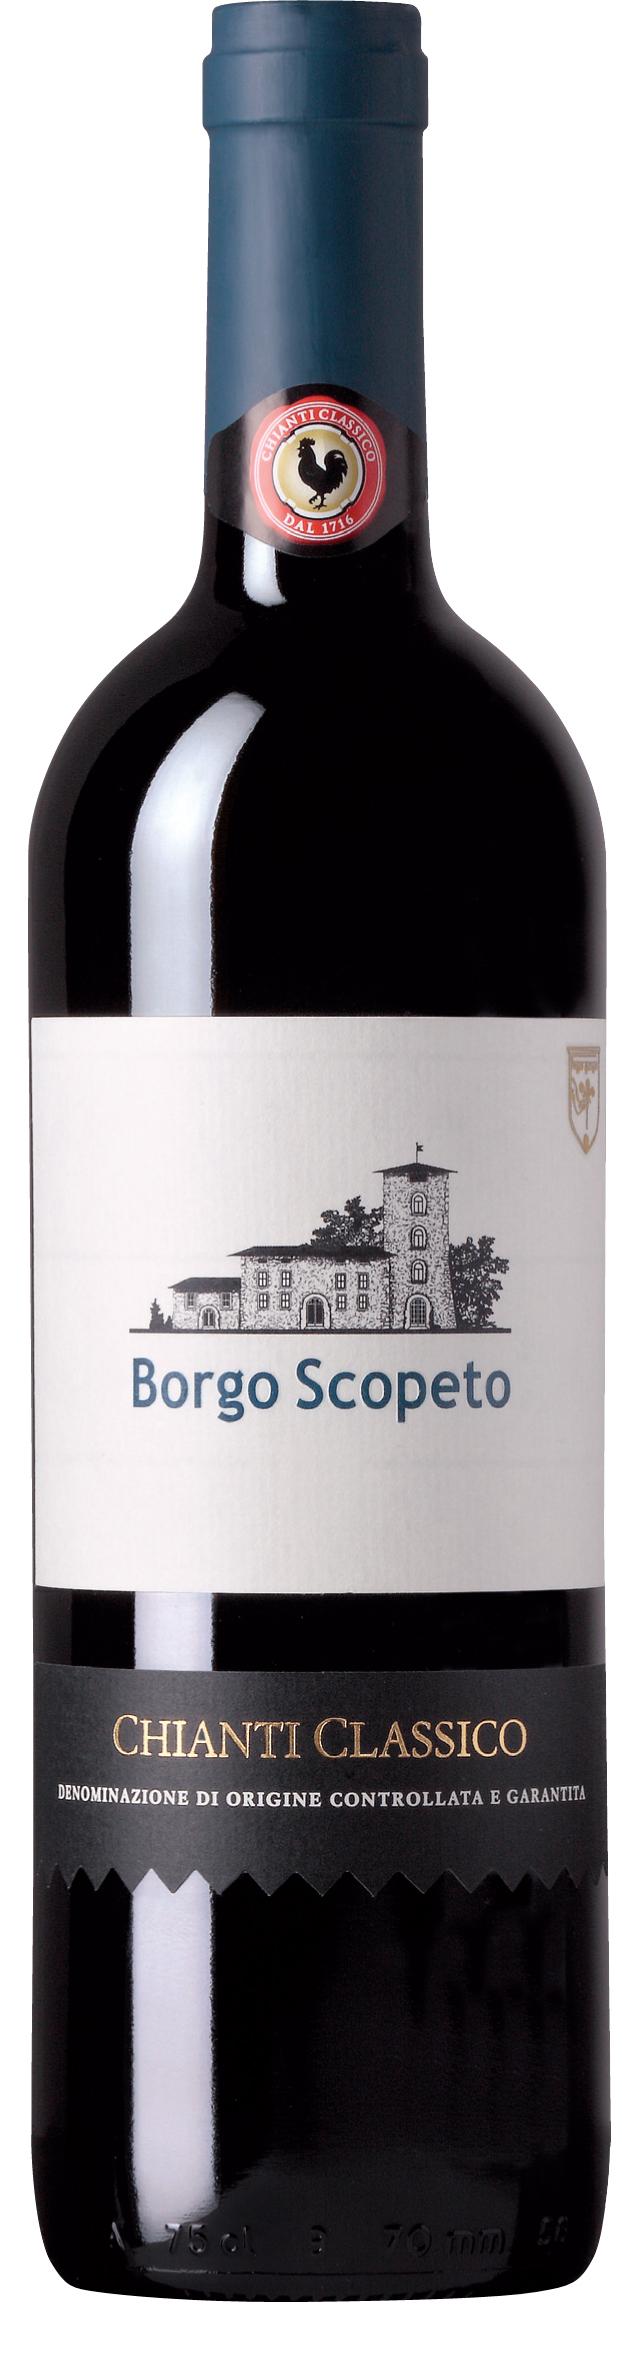 Borgo Scopeto Chianti Classico Bottle.jpg